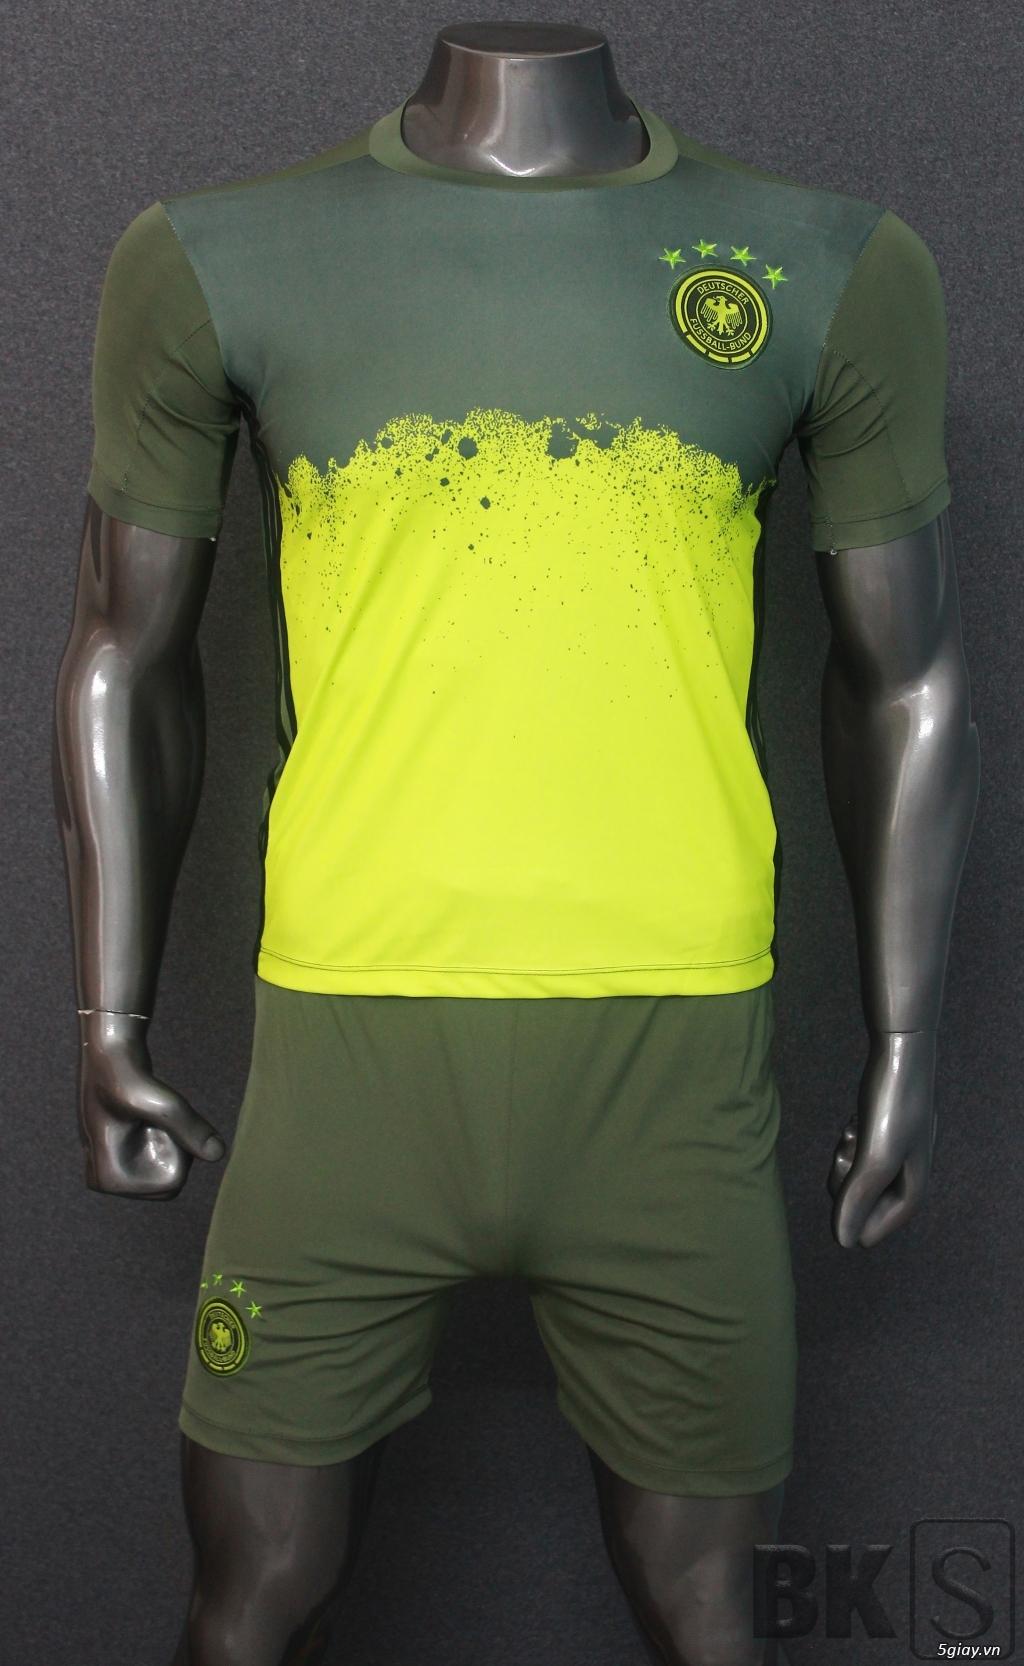 Áo bóng đá HP-địa chỉ gốc sản xuất trang phục thể thao số 1 Việt Nam - 25